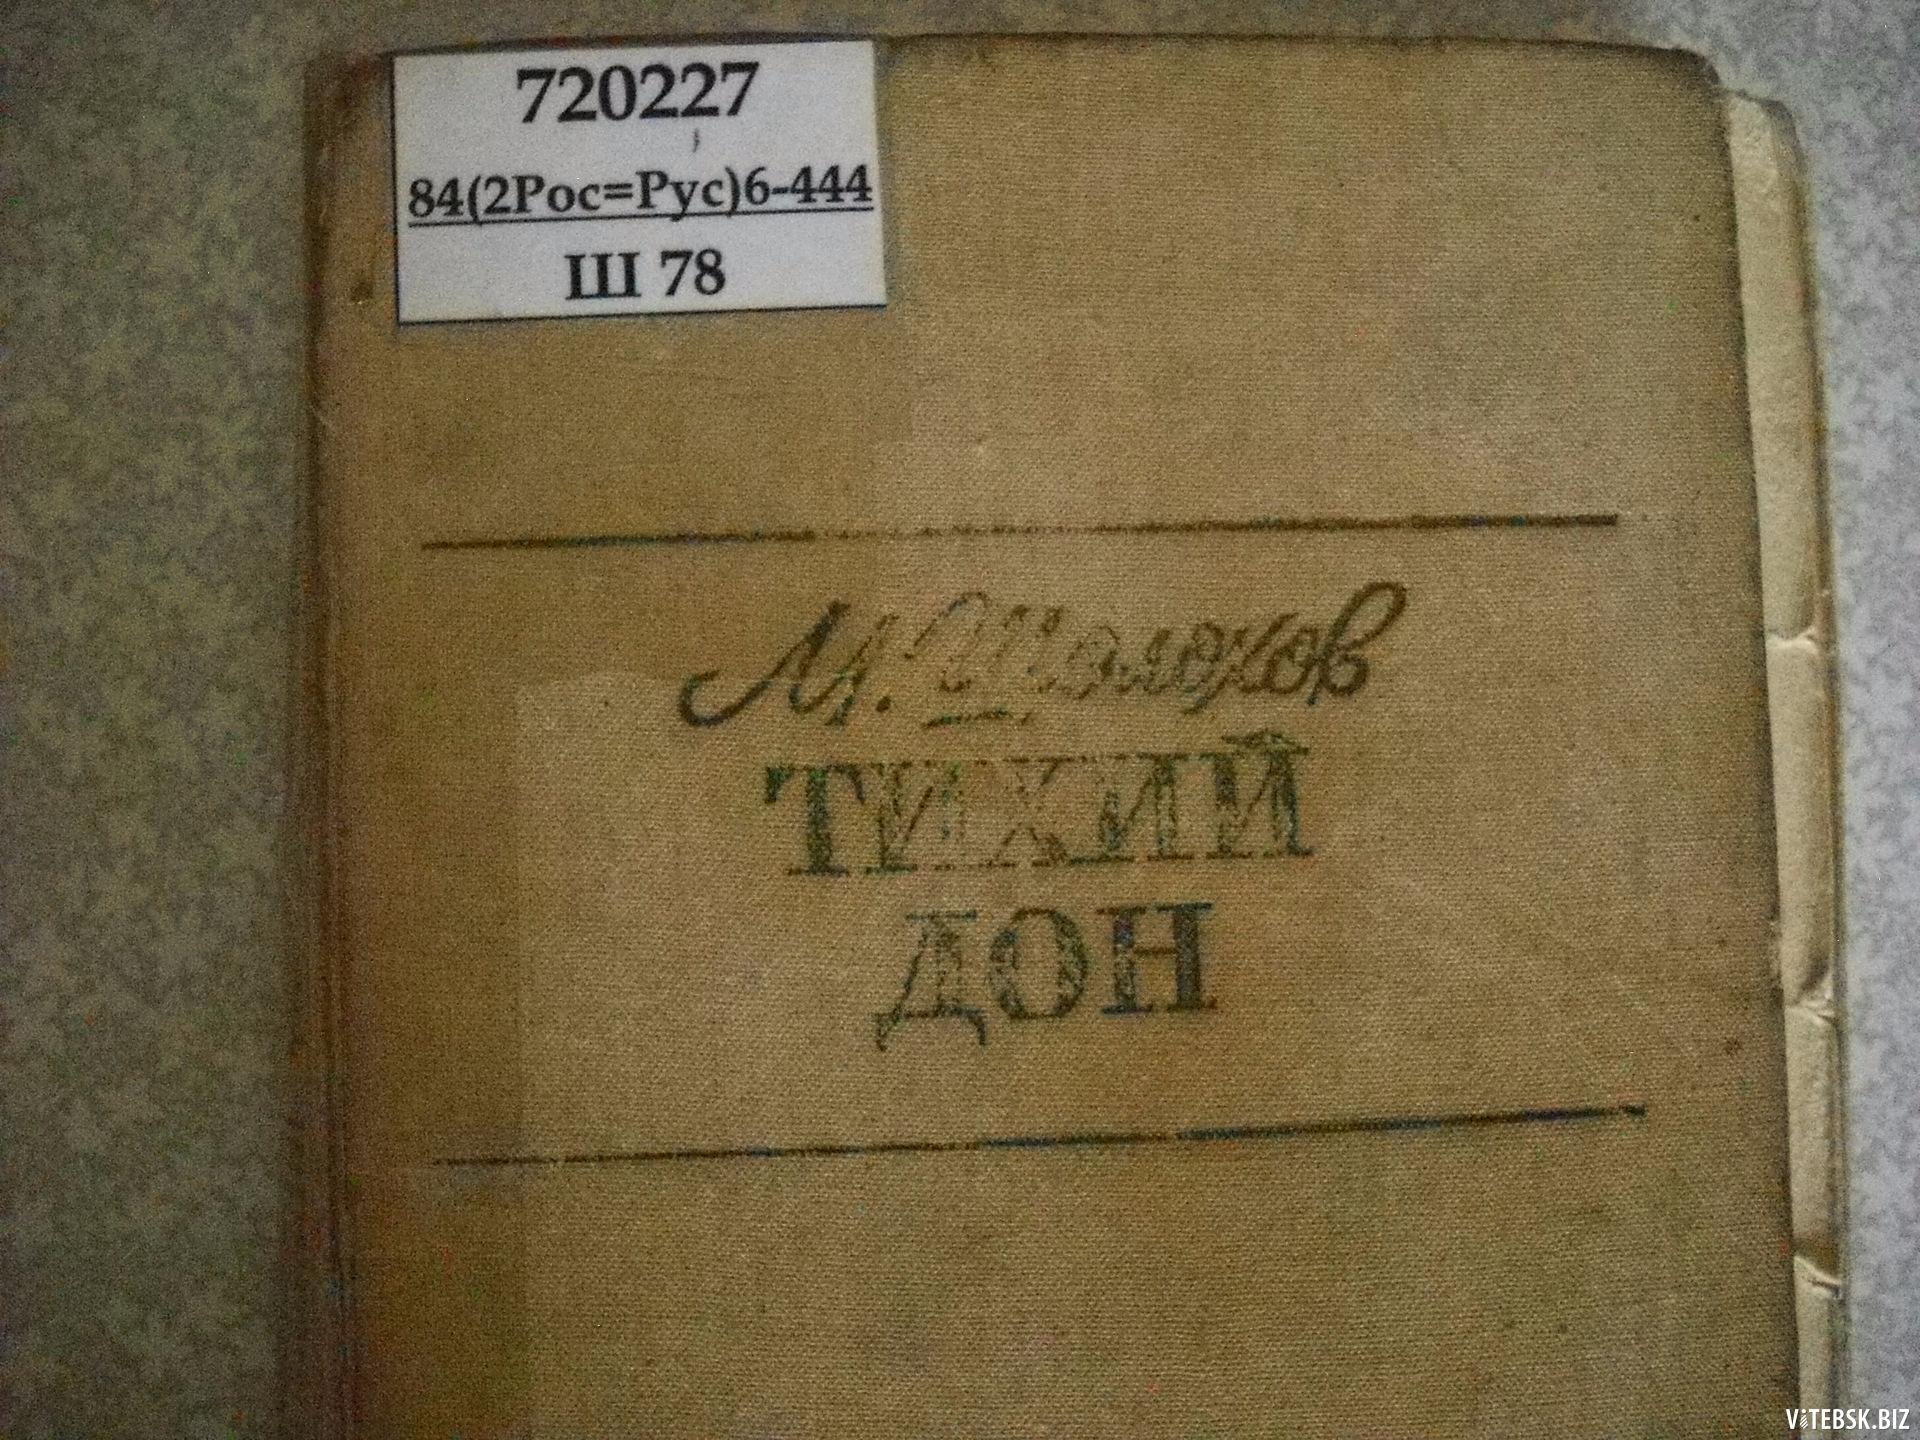 Библиотека им В И Ленина в Витебске Библиотека которая сыграла  Благодаря ей сколько сочинений контрольных курсовых и т д было написано Давно являюсь читательницей этой библиотеки Здесь можно найти различные книги